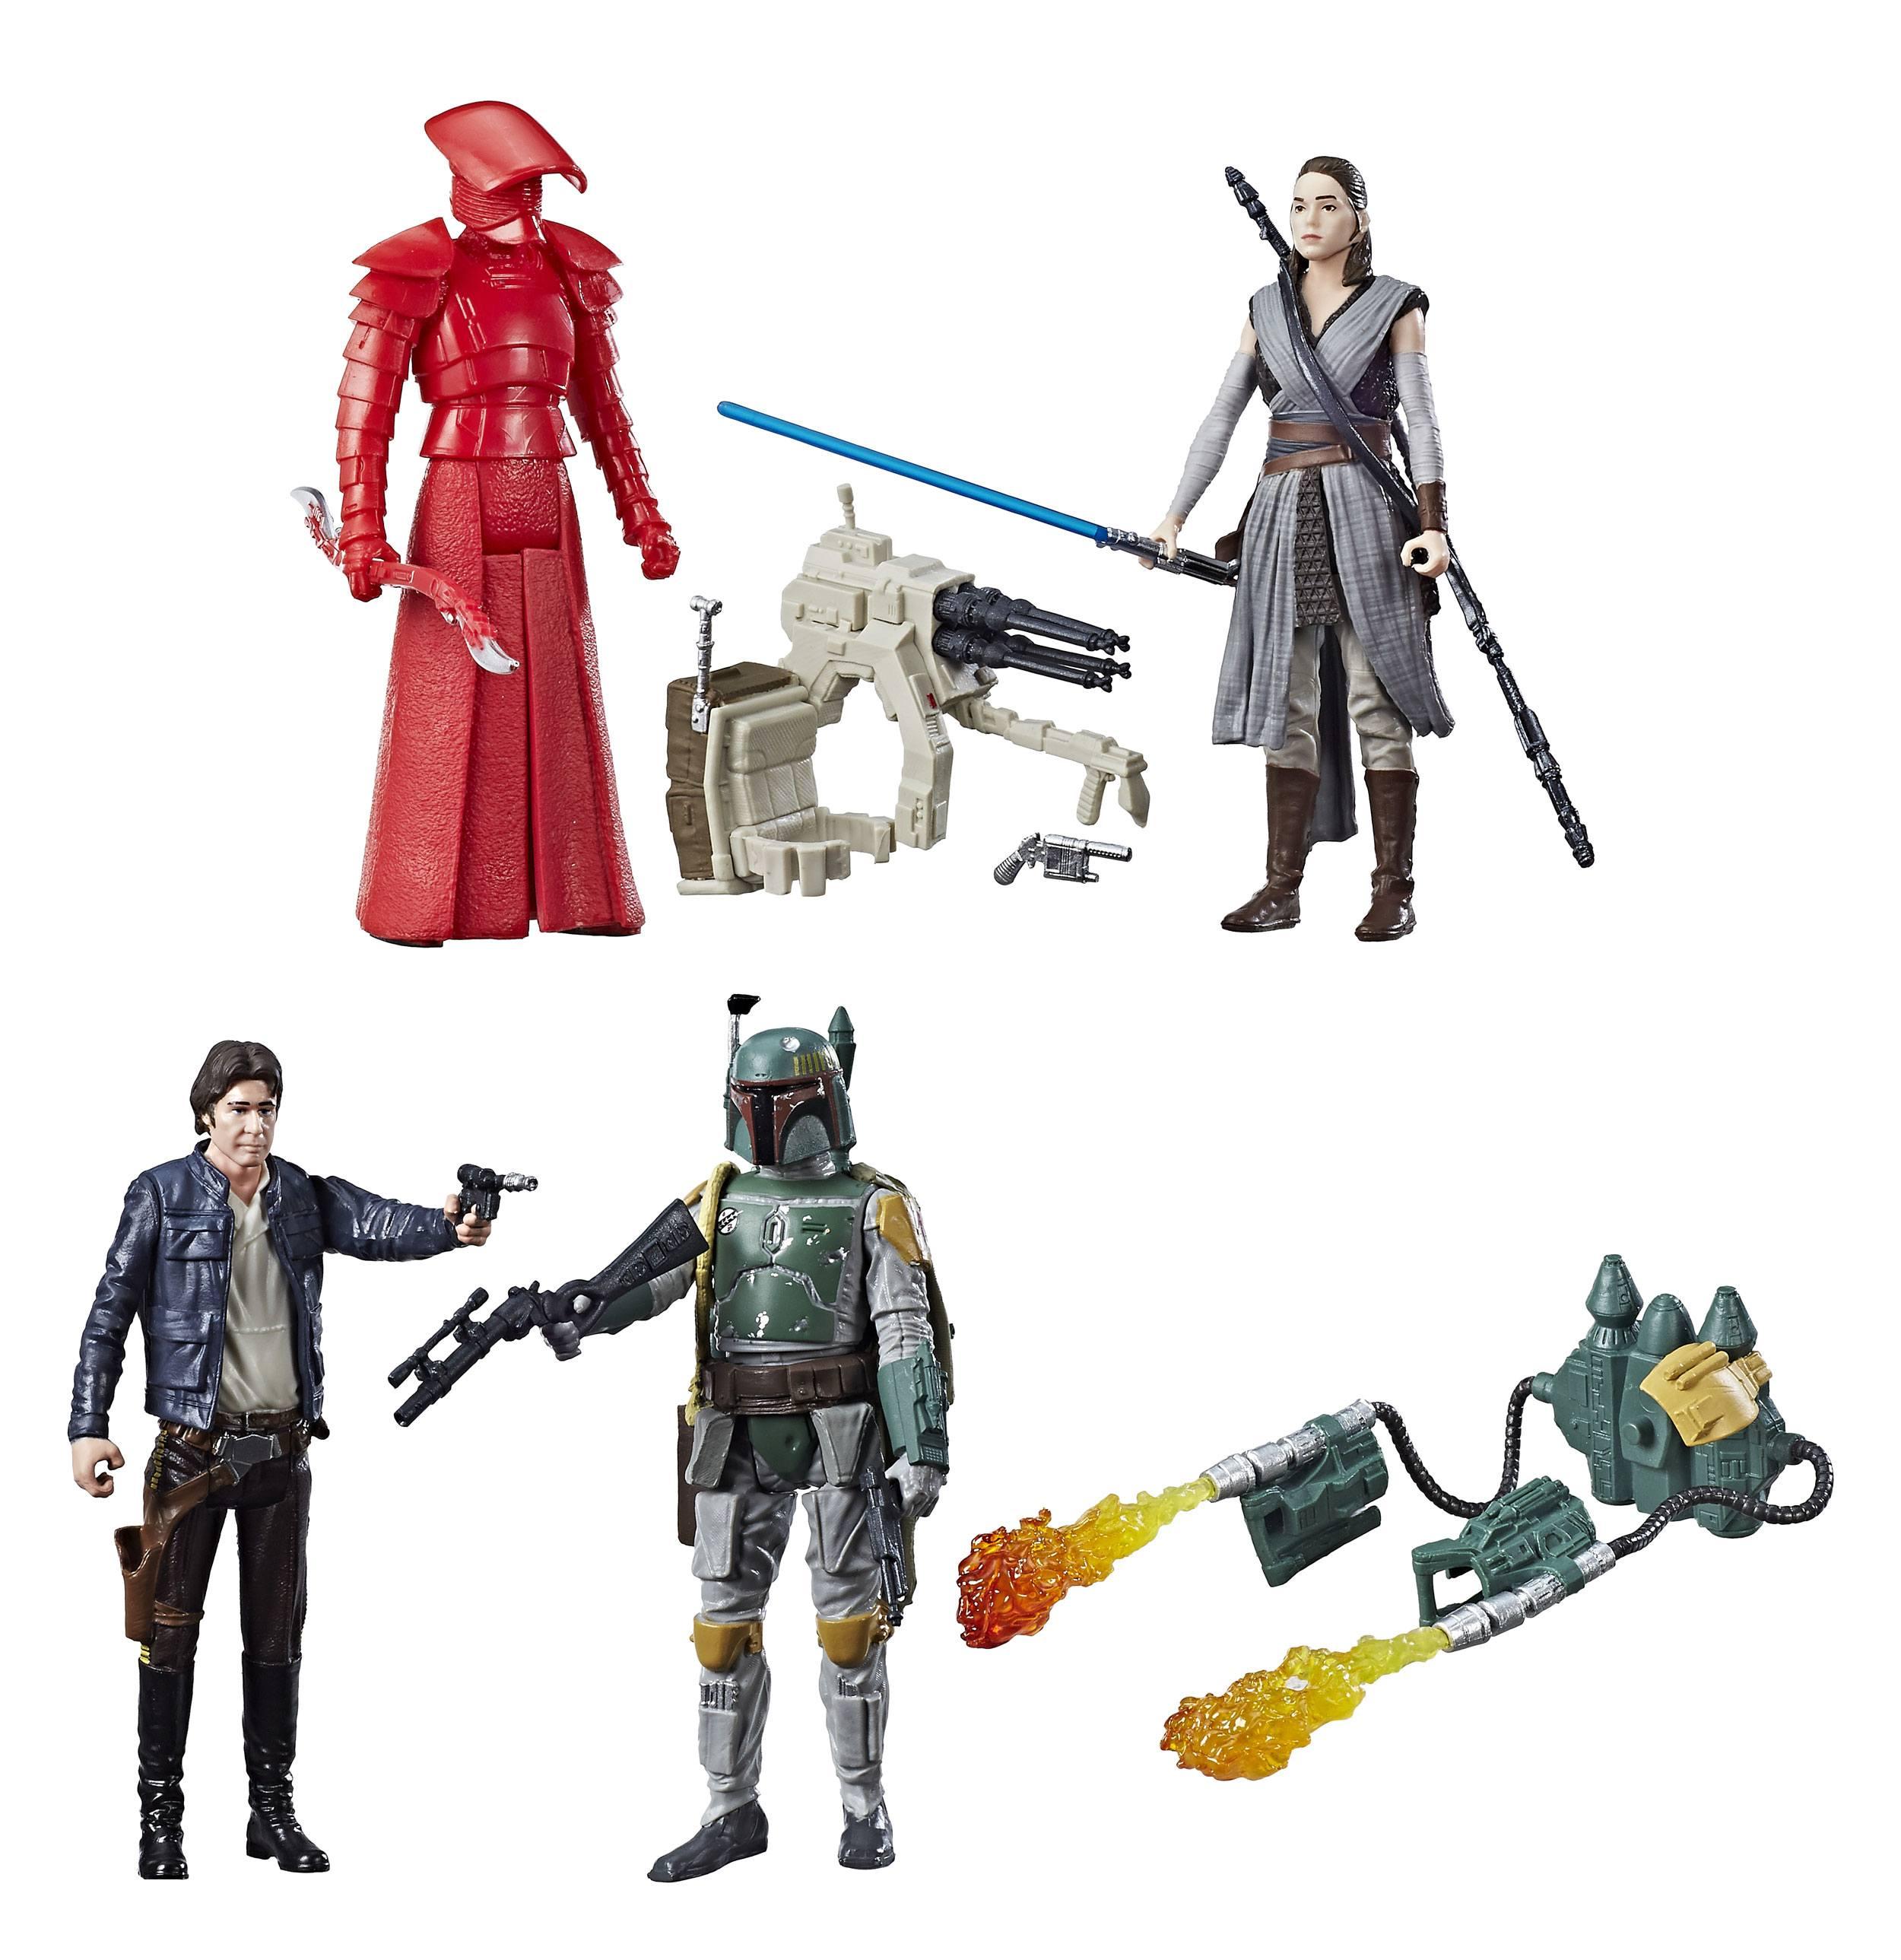 Star Wars Toys 2017 : Star wars force link action figures cm packs